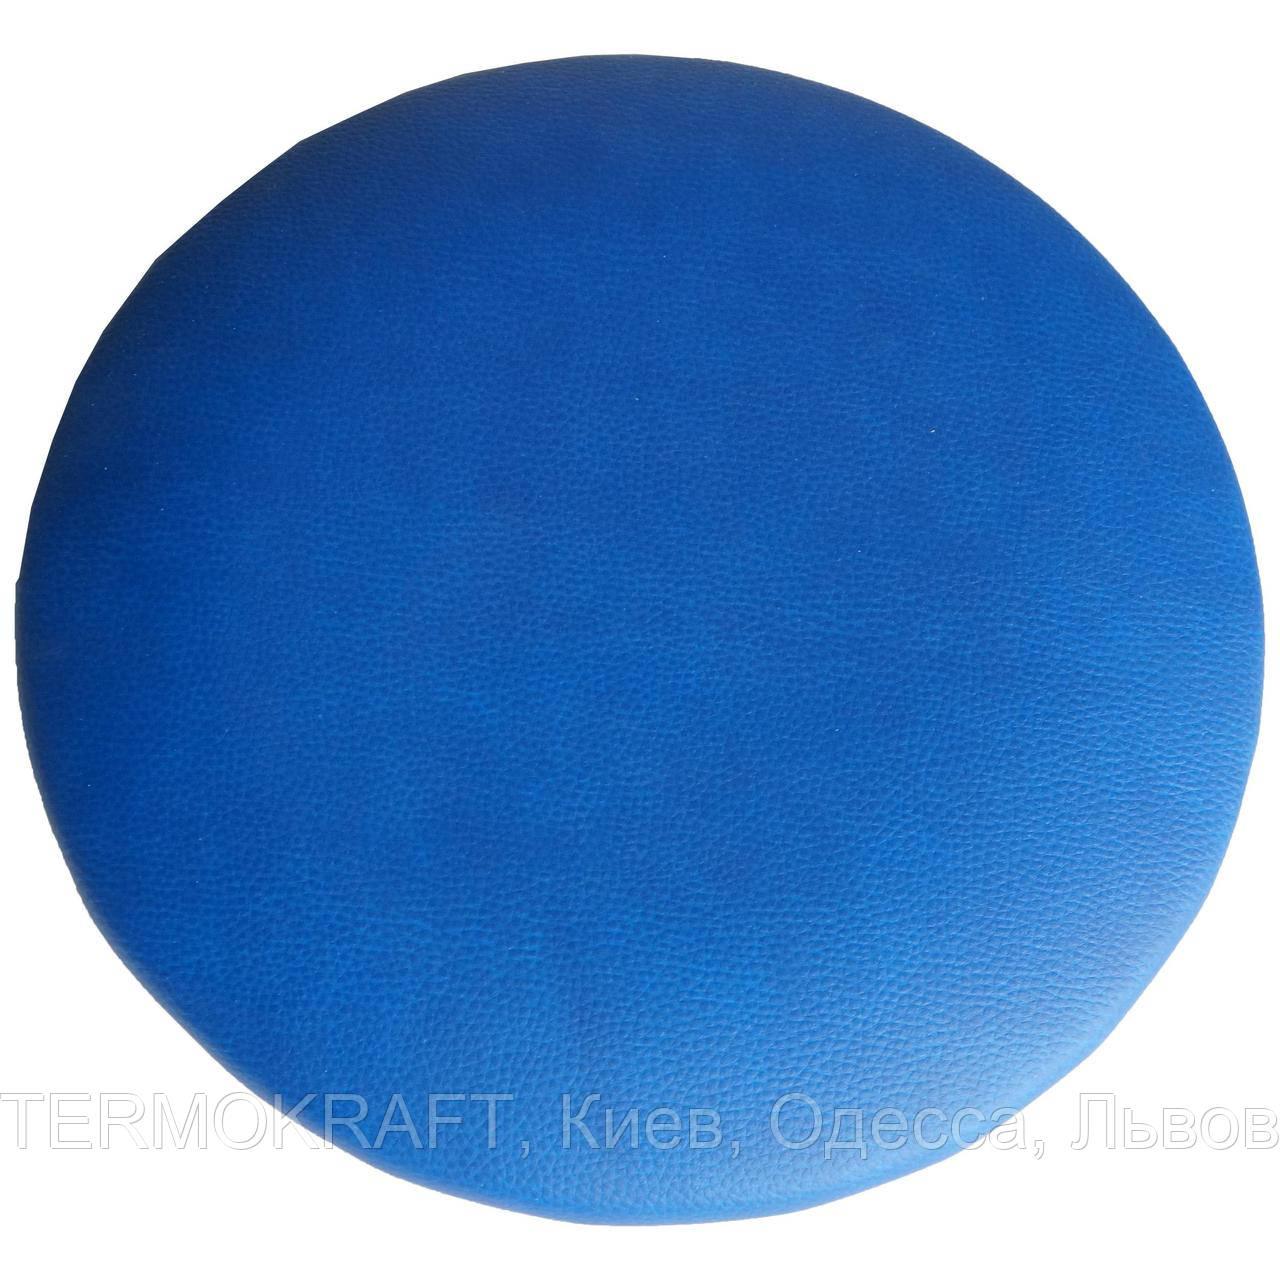 Сидіння стільця АНТ D-340 кругле синє